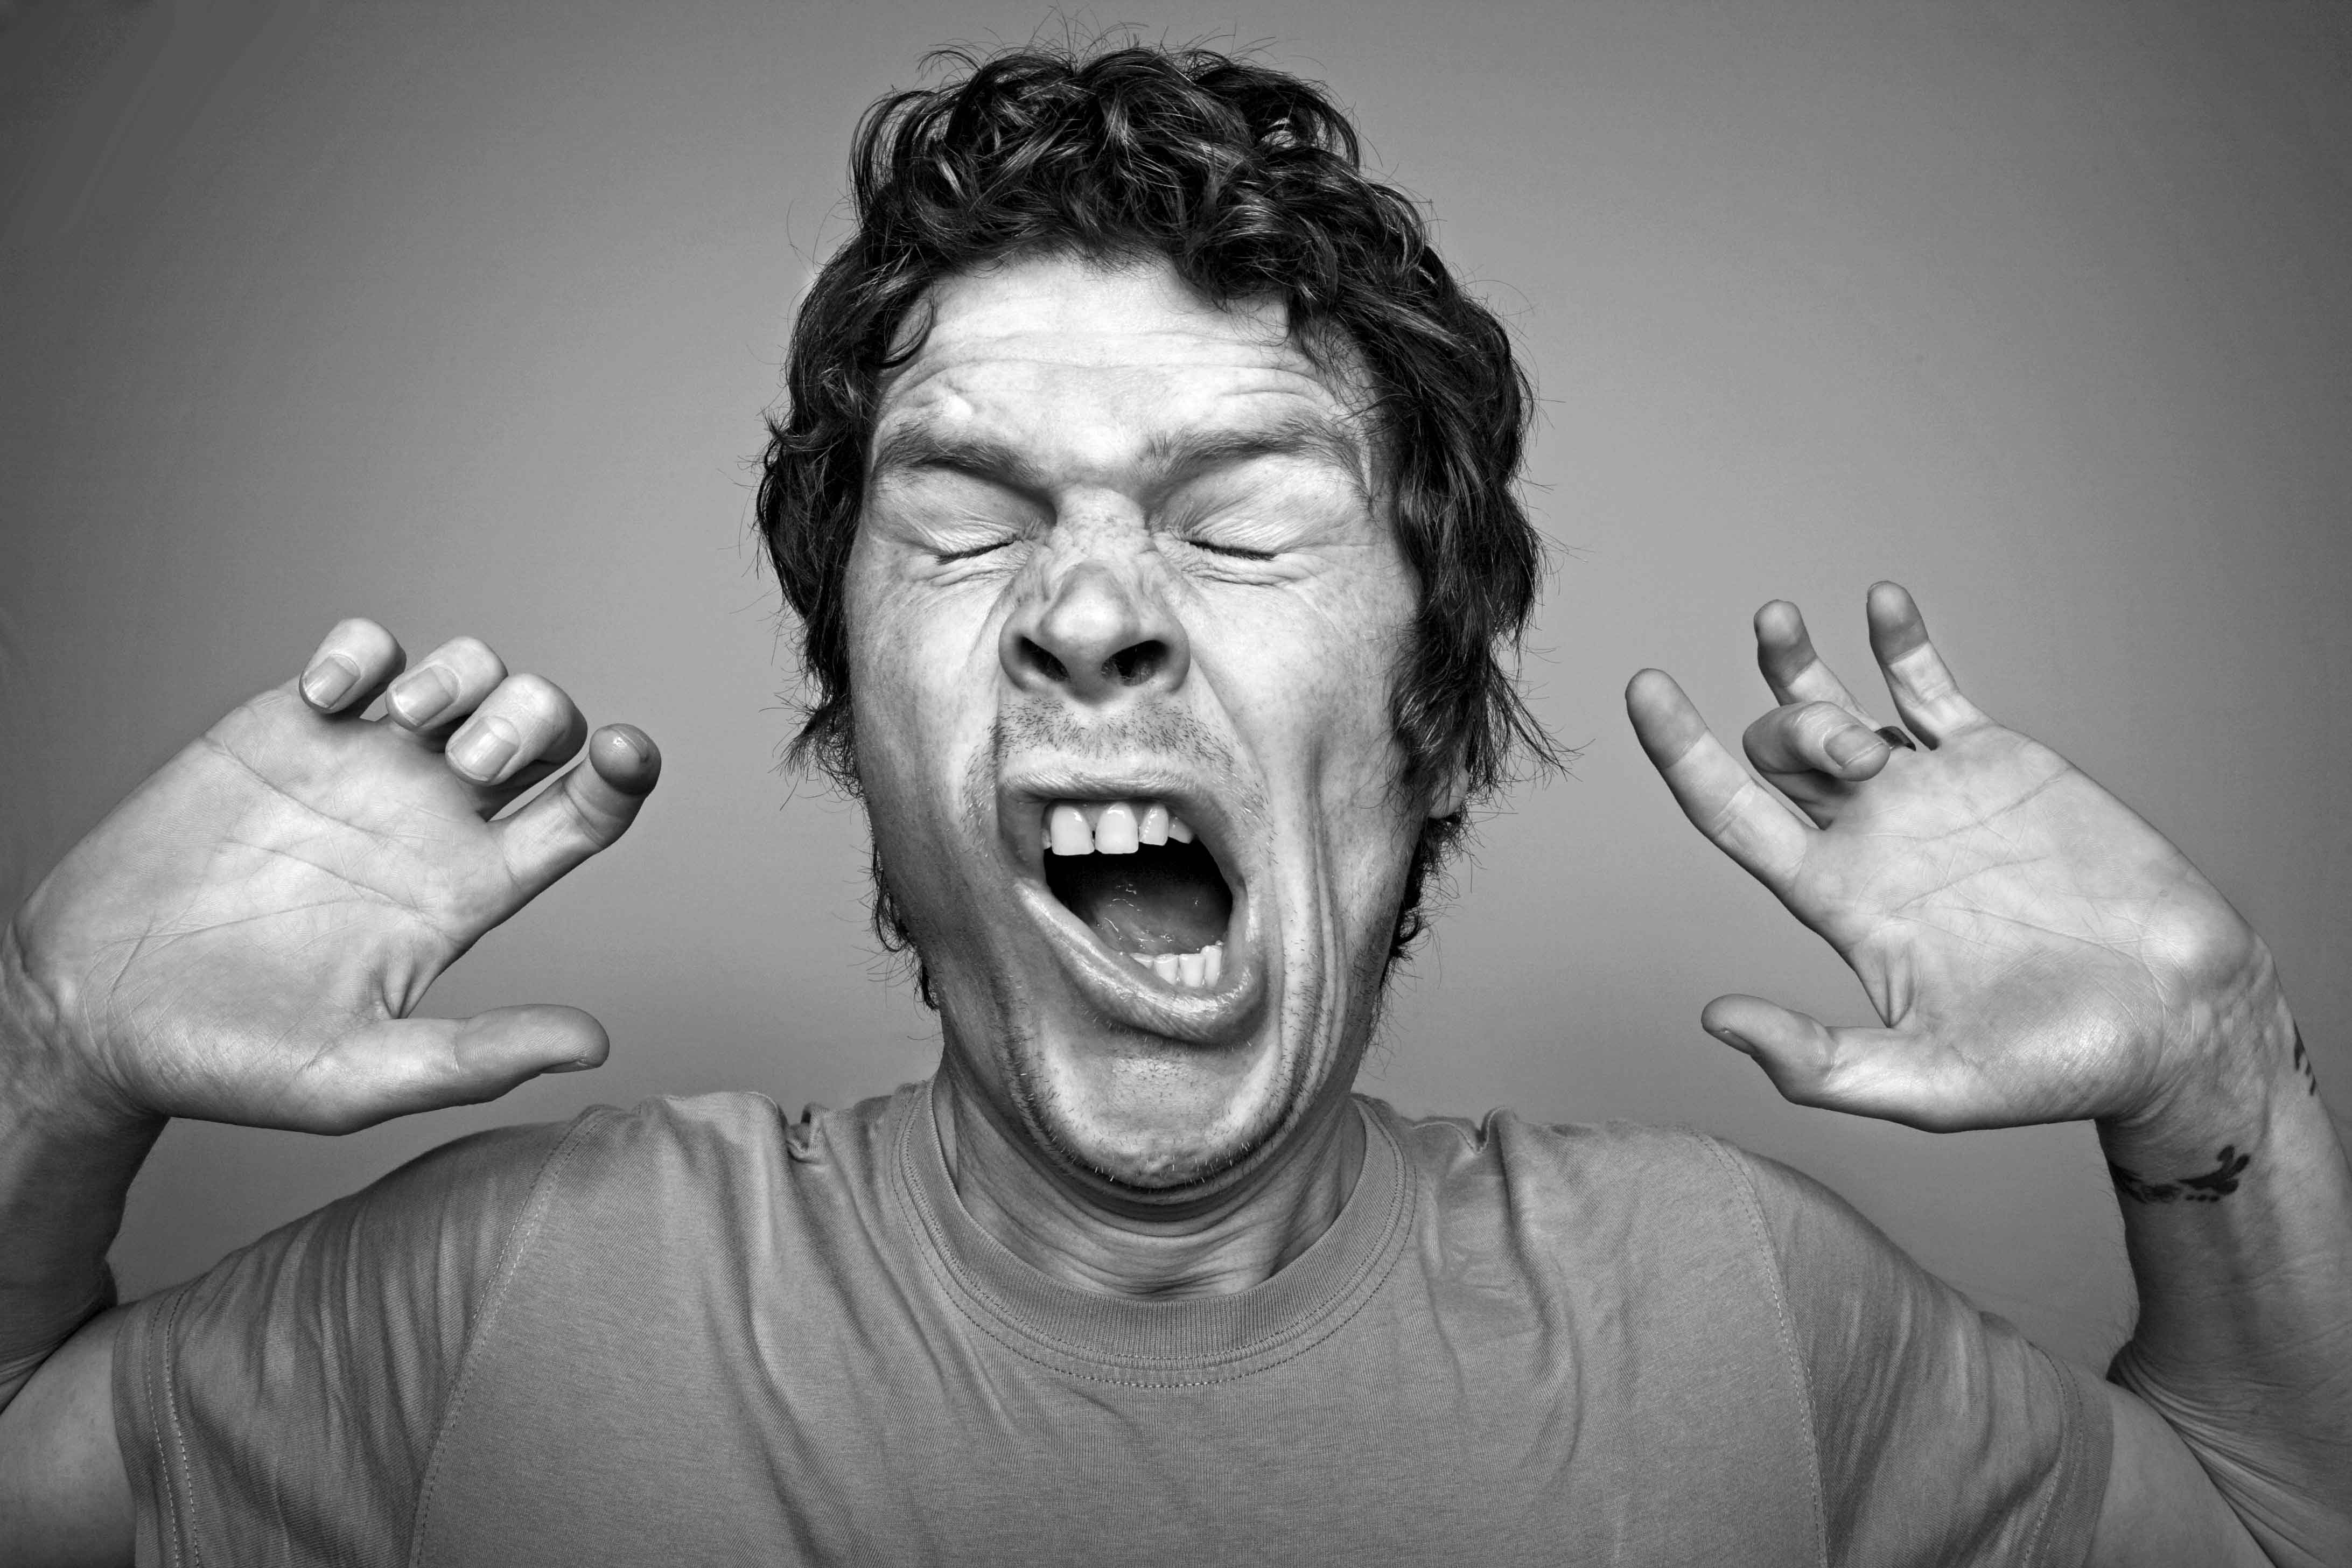 приборы, фото зевающих людей первый